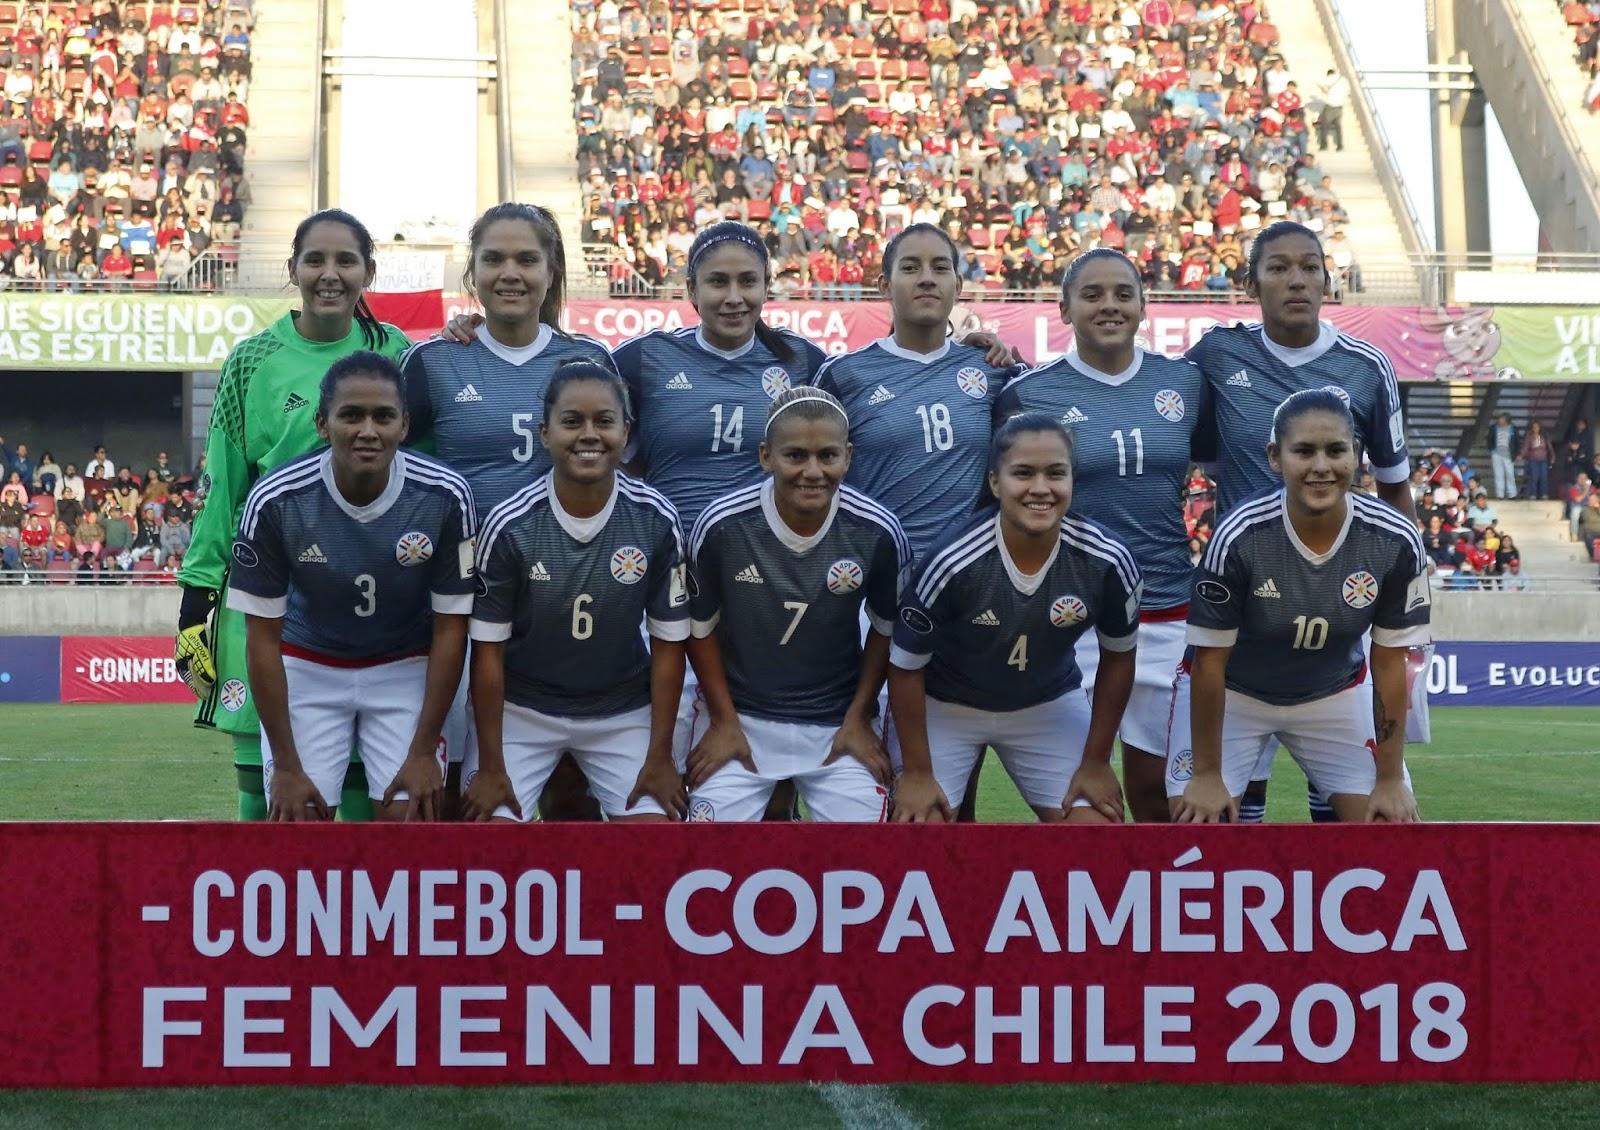 Formación de selección de Paraguay ante Chile, Copa América Femenina 2018, 4 de abril